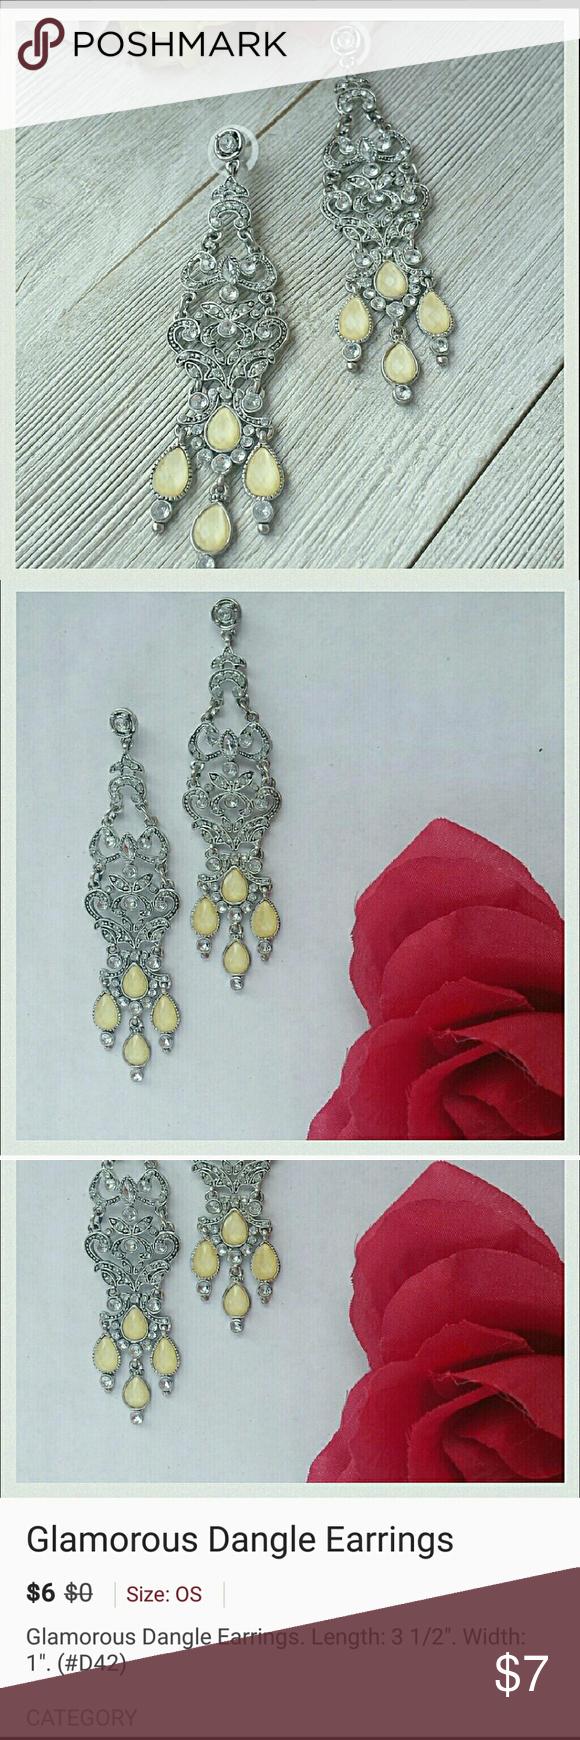 Glamor Chandelier earrings | Chandelier earrings, Customer support ...